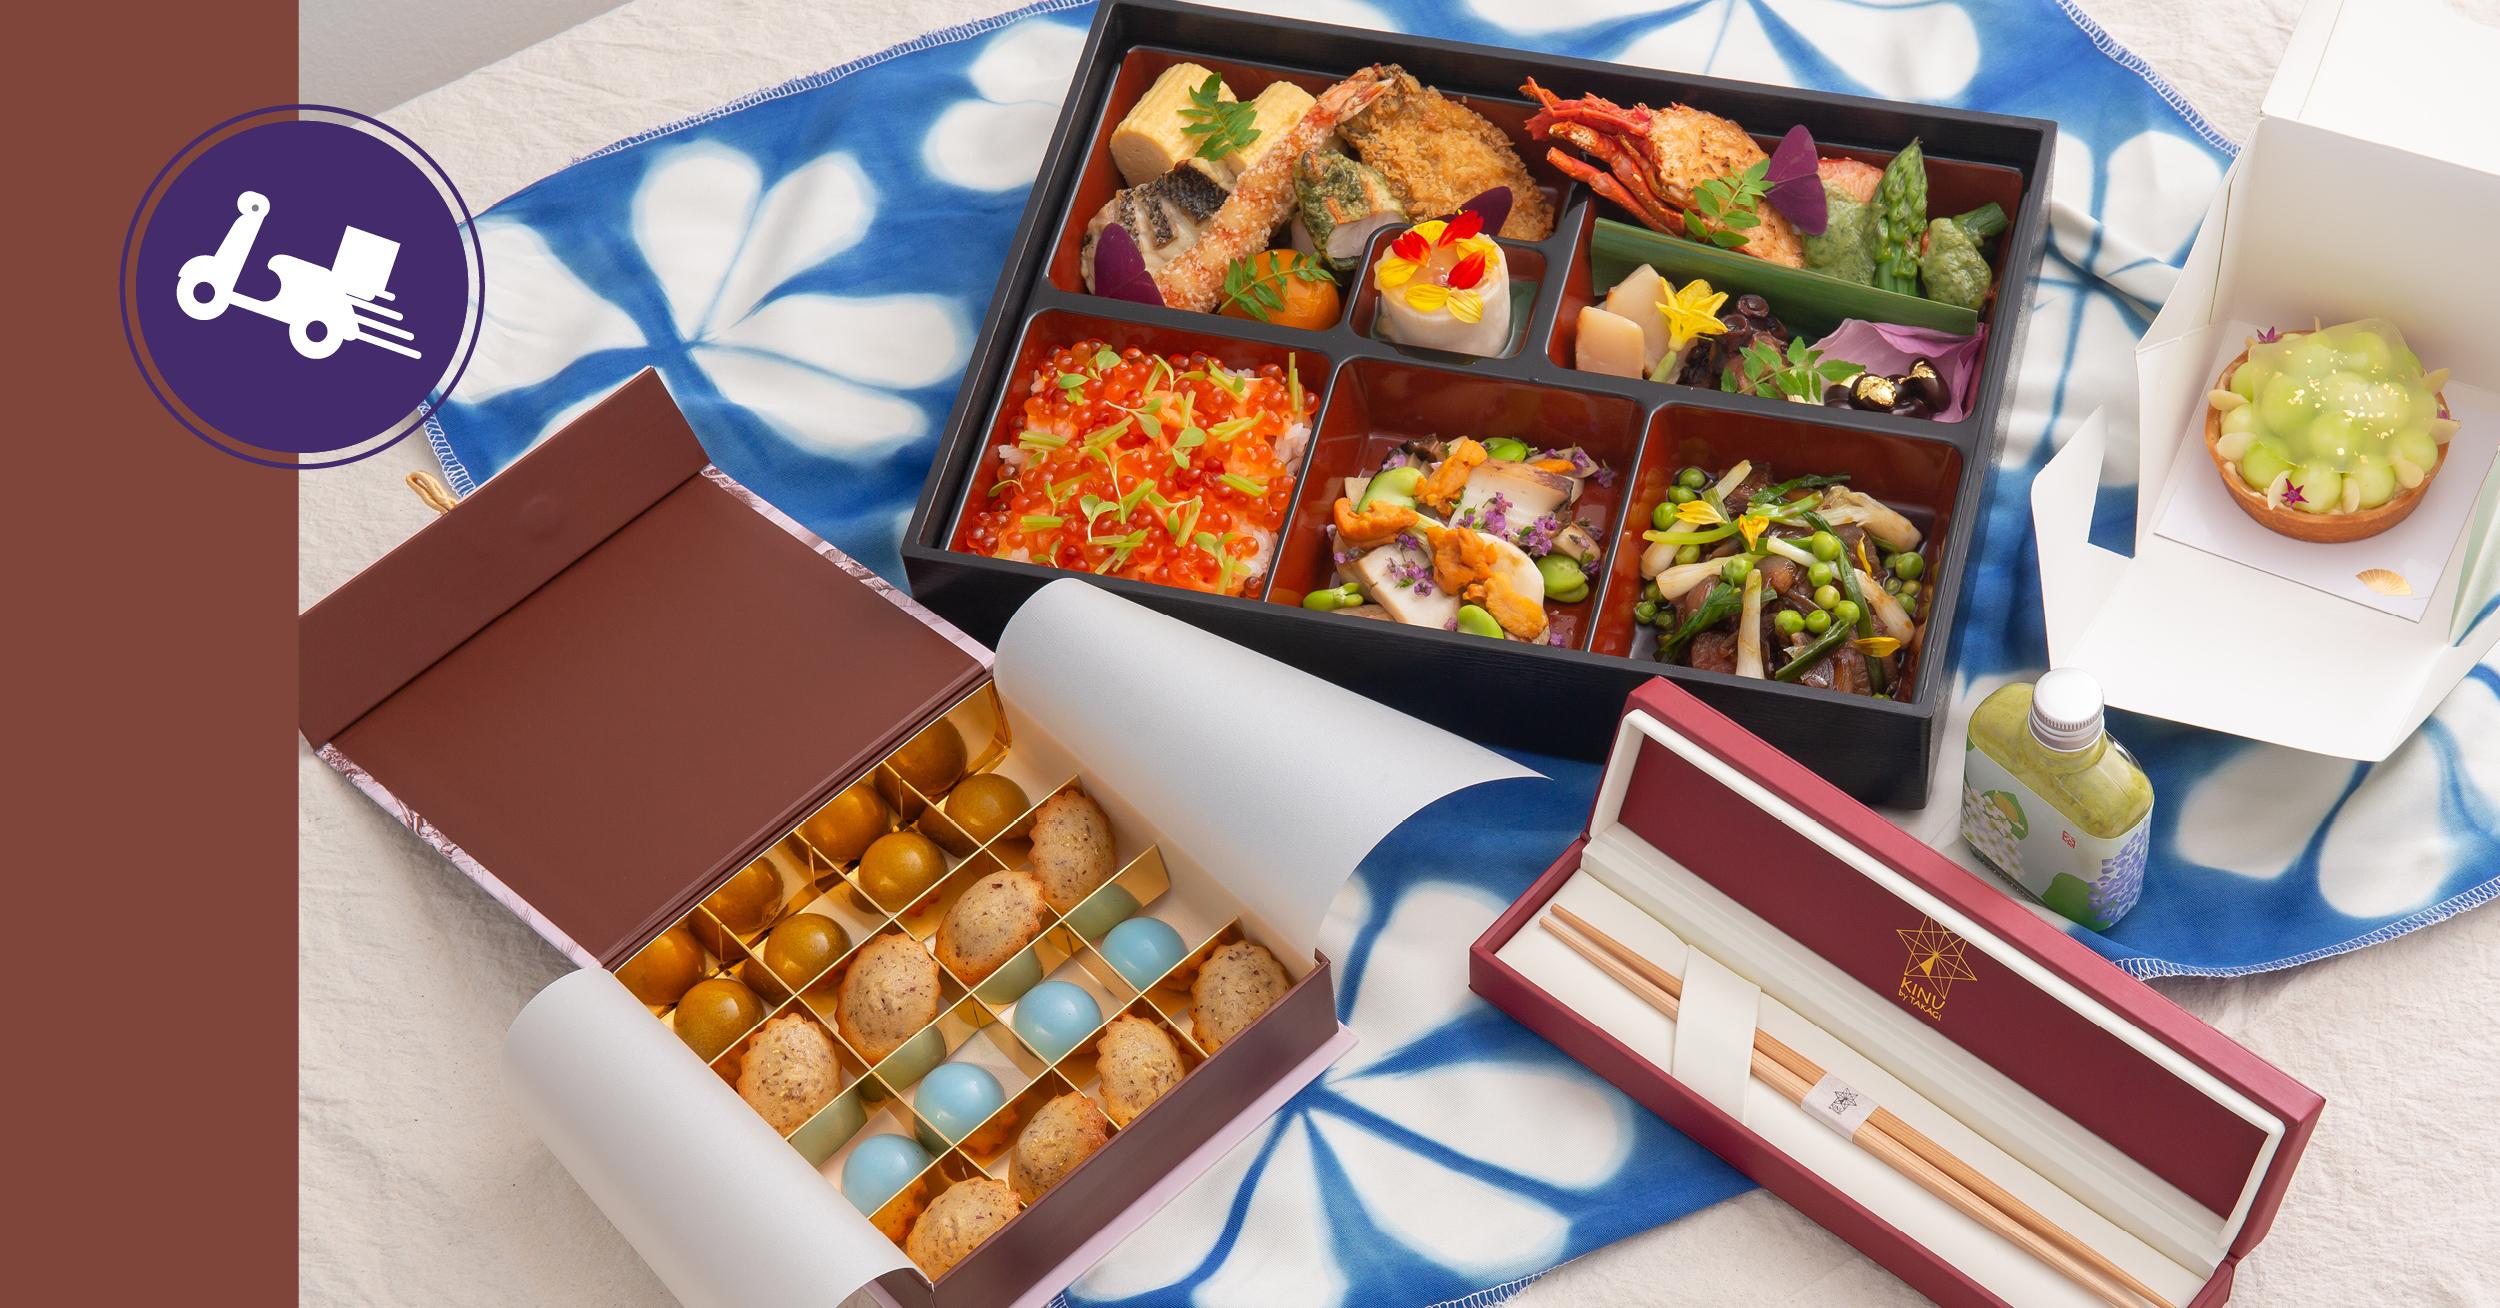 รีวิวเบนโตะสุดพรีเมียมจาก 'Kinu by Takagi' ห้องอาหารไคเซกิแห่งโรงแรมแมนดาริน โอเรียนเต็ล